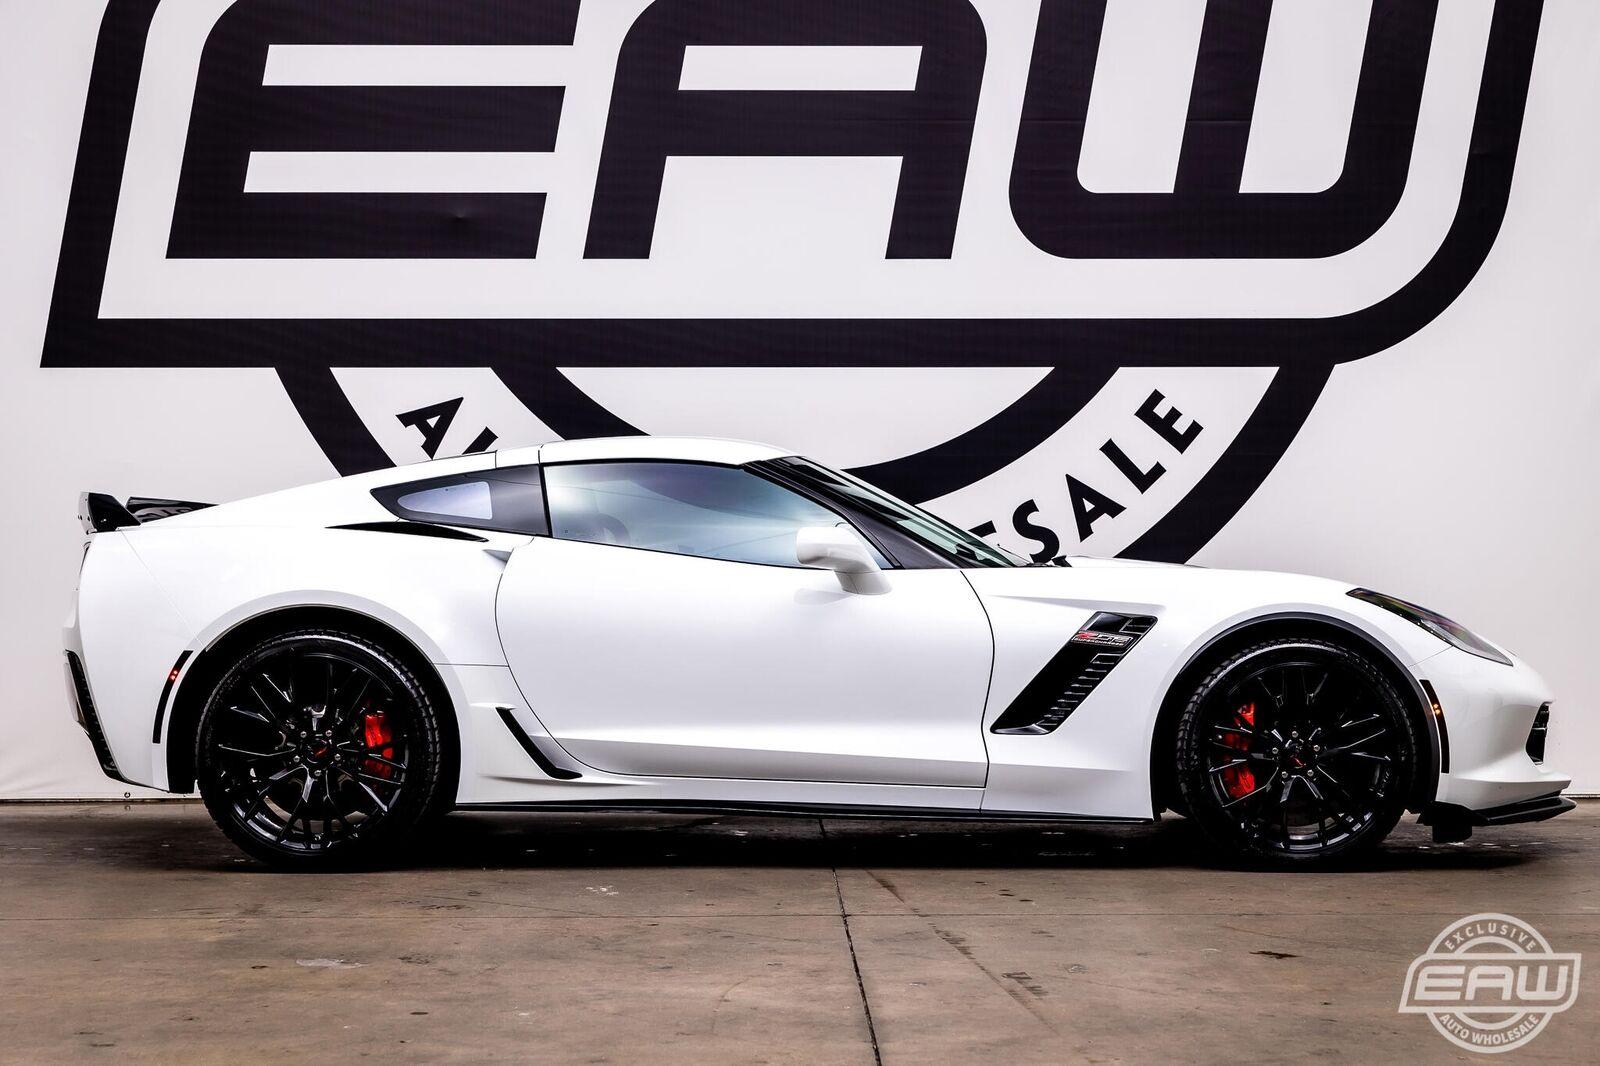 2016 White Chevrolet Corvette Z06 3LZ | C7 Corvette Photo 9